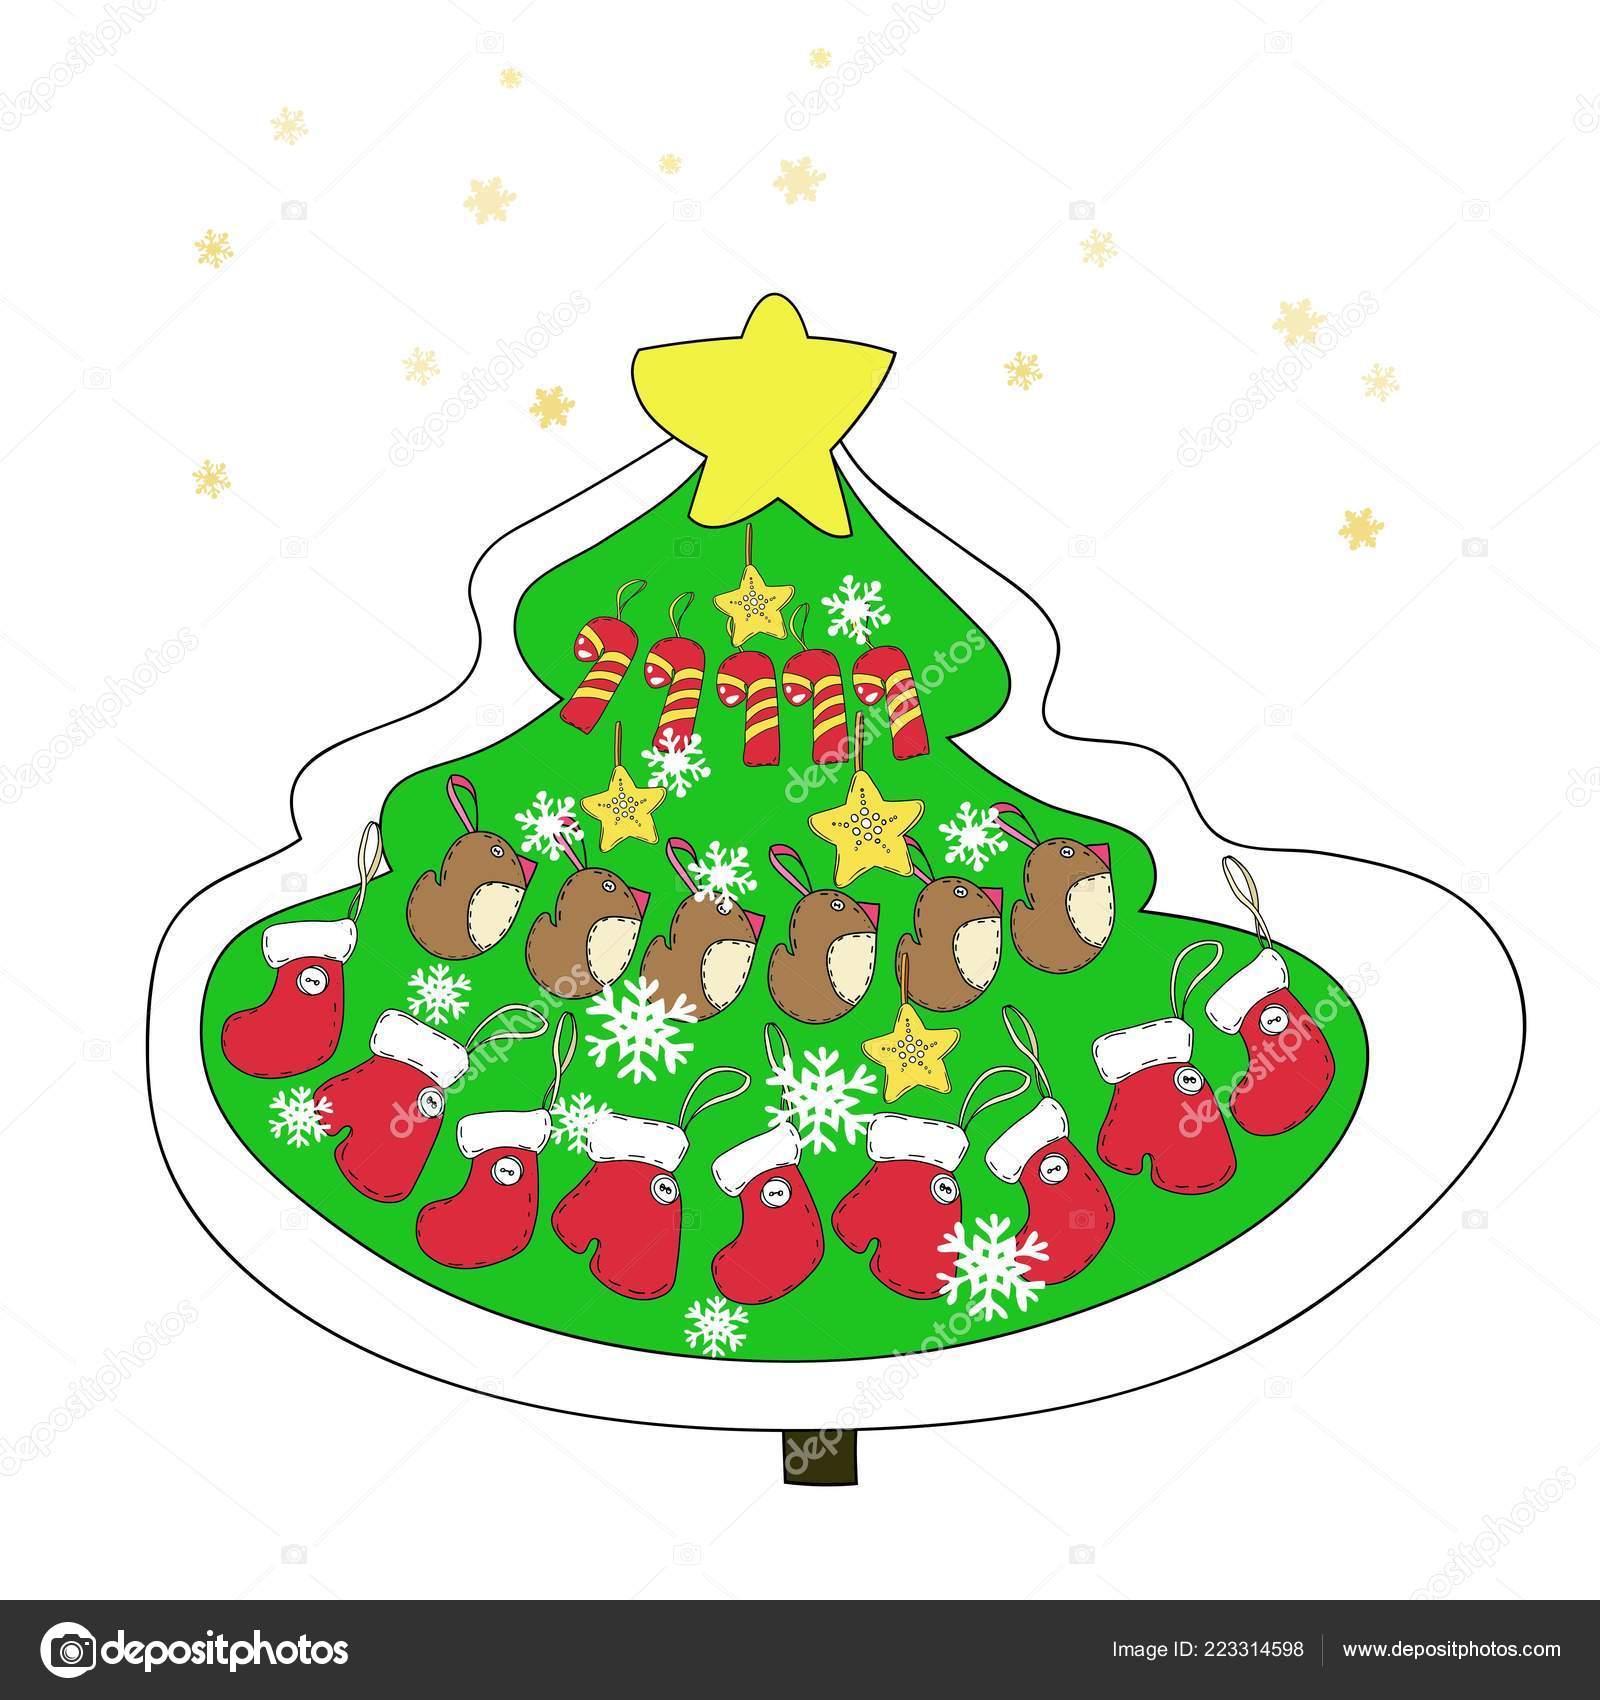 Decorazioni Di Natale Disegni.Disegni Decorazioni Natalizie Serie Disegni Natale